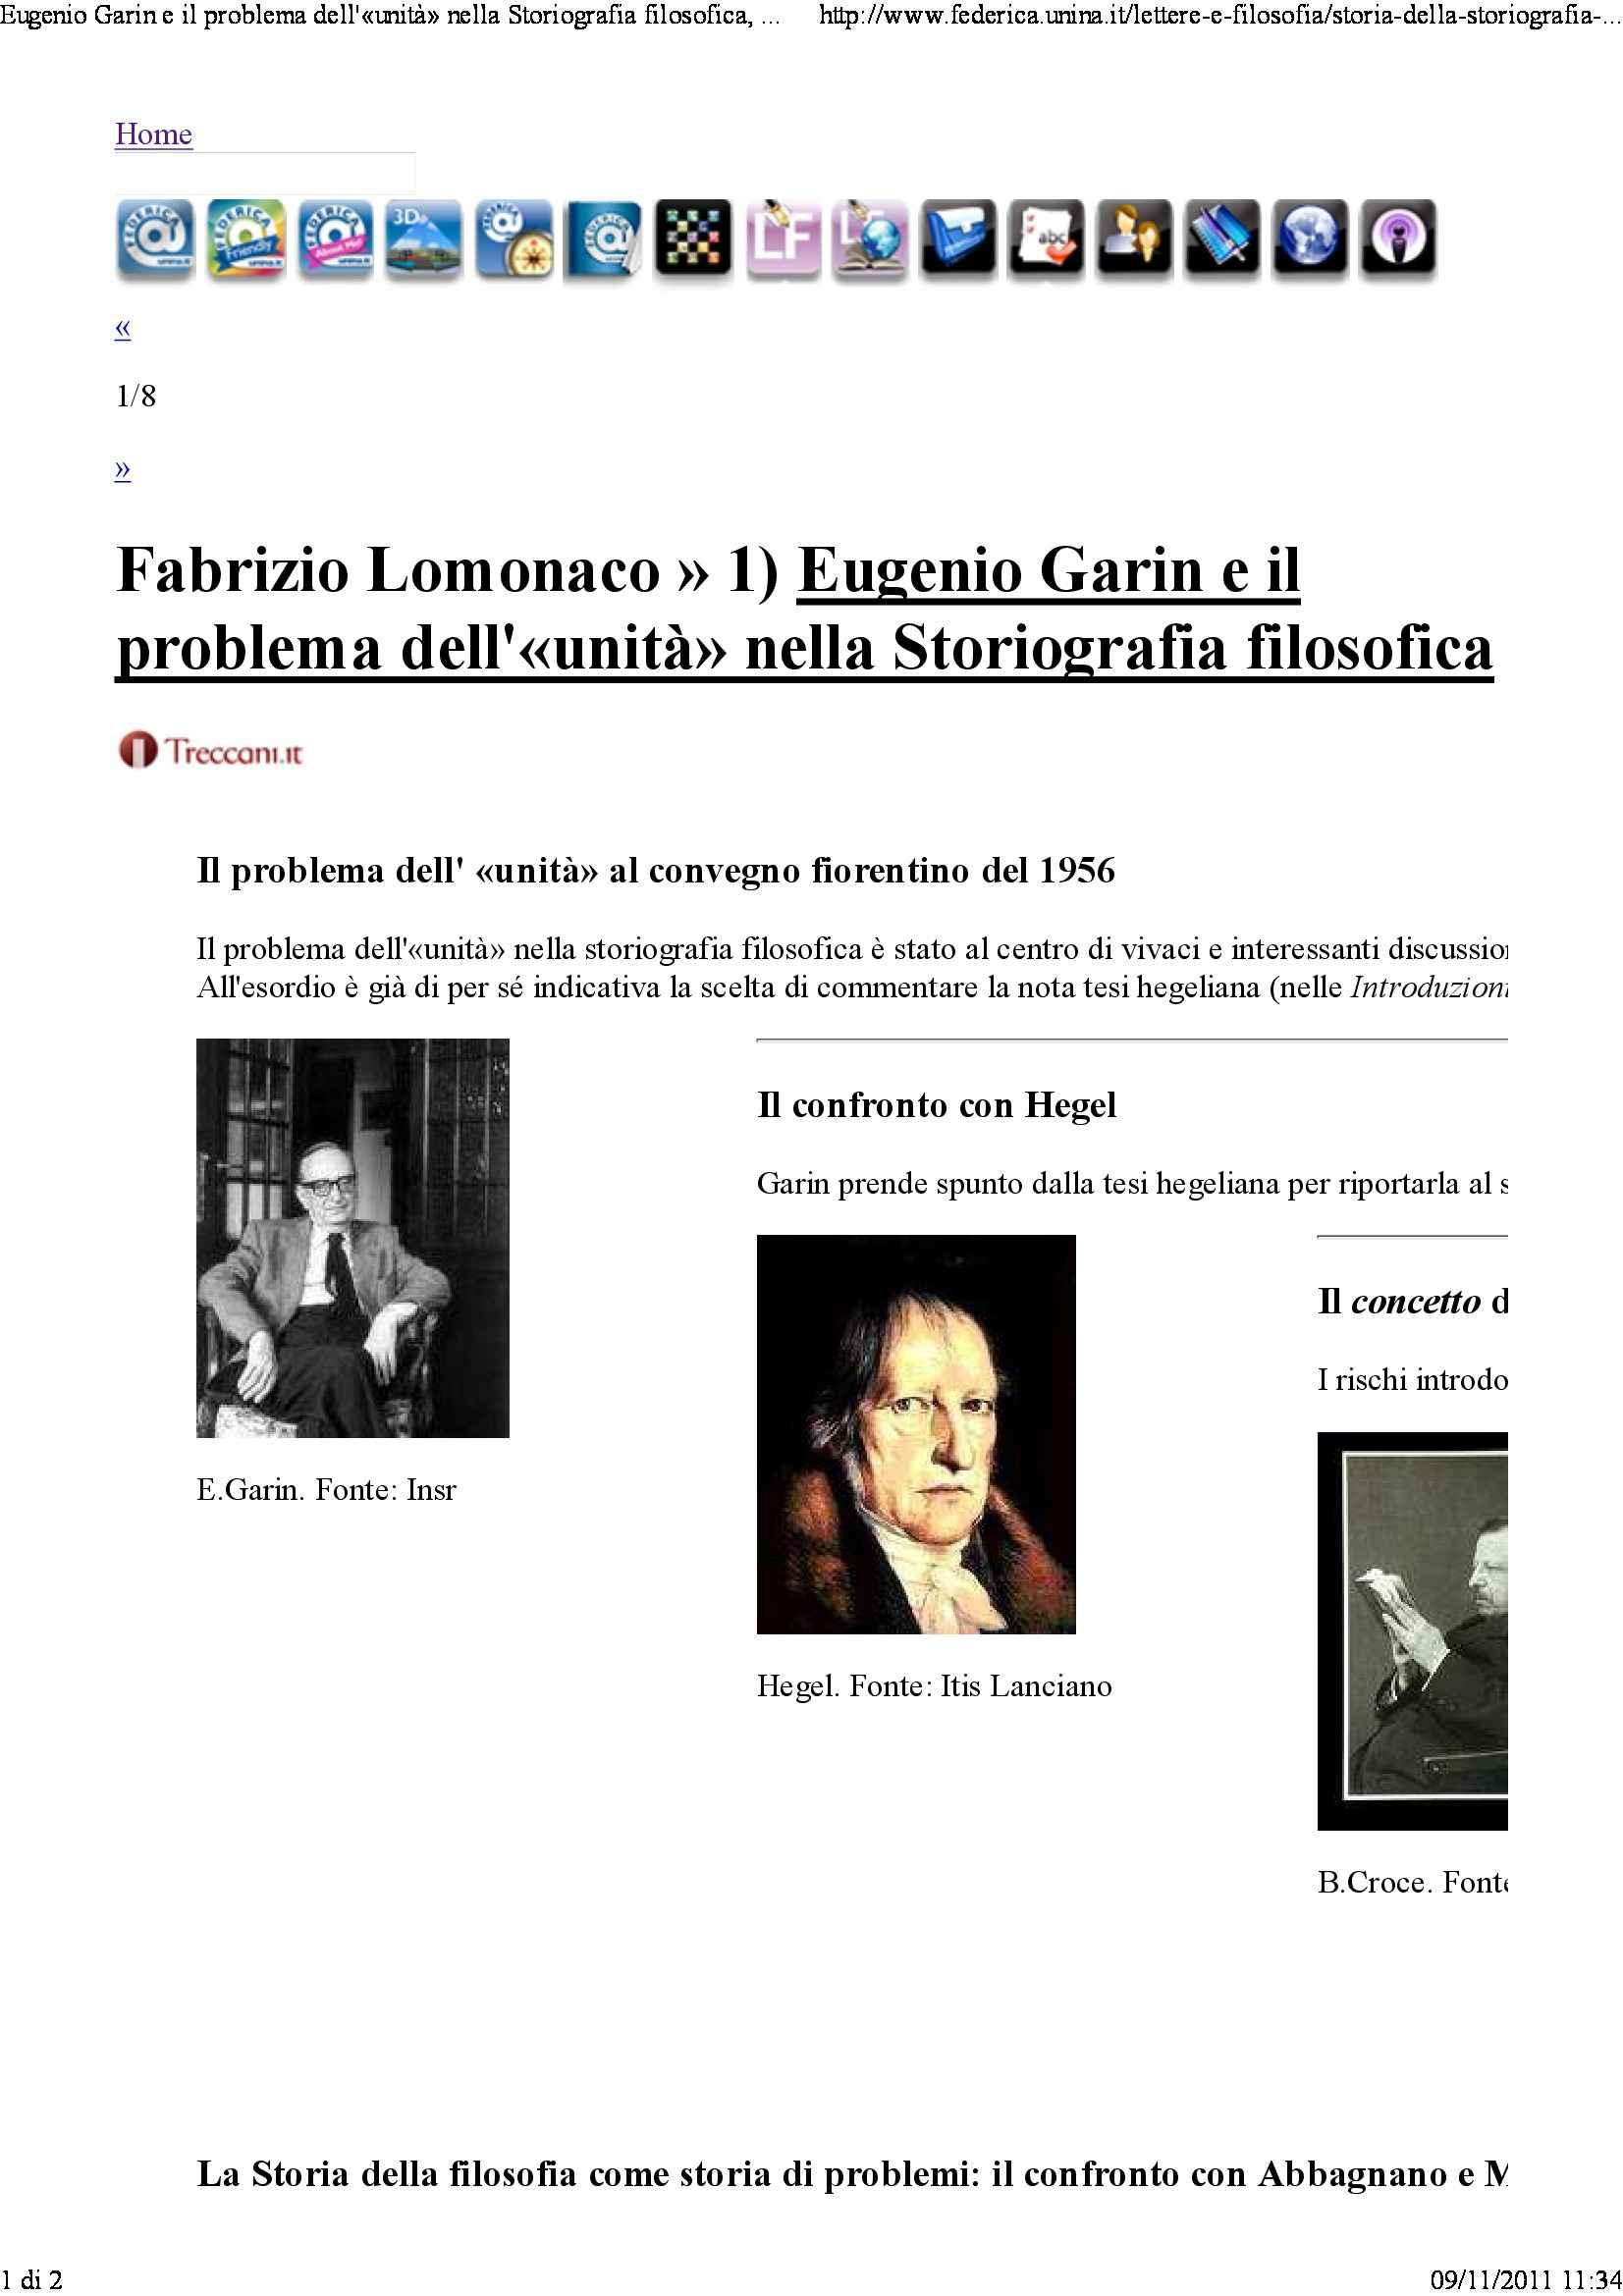 Eugenio Garin e il problema dell'unità nella storiografia filosofica